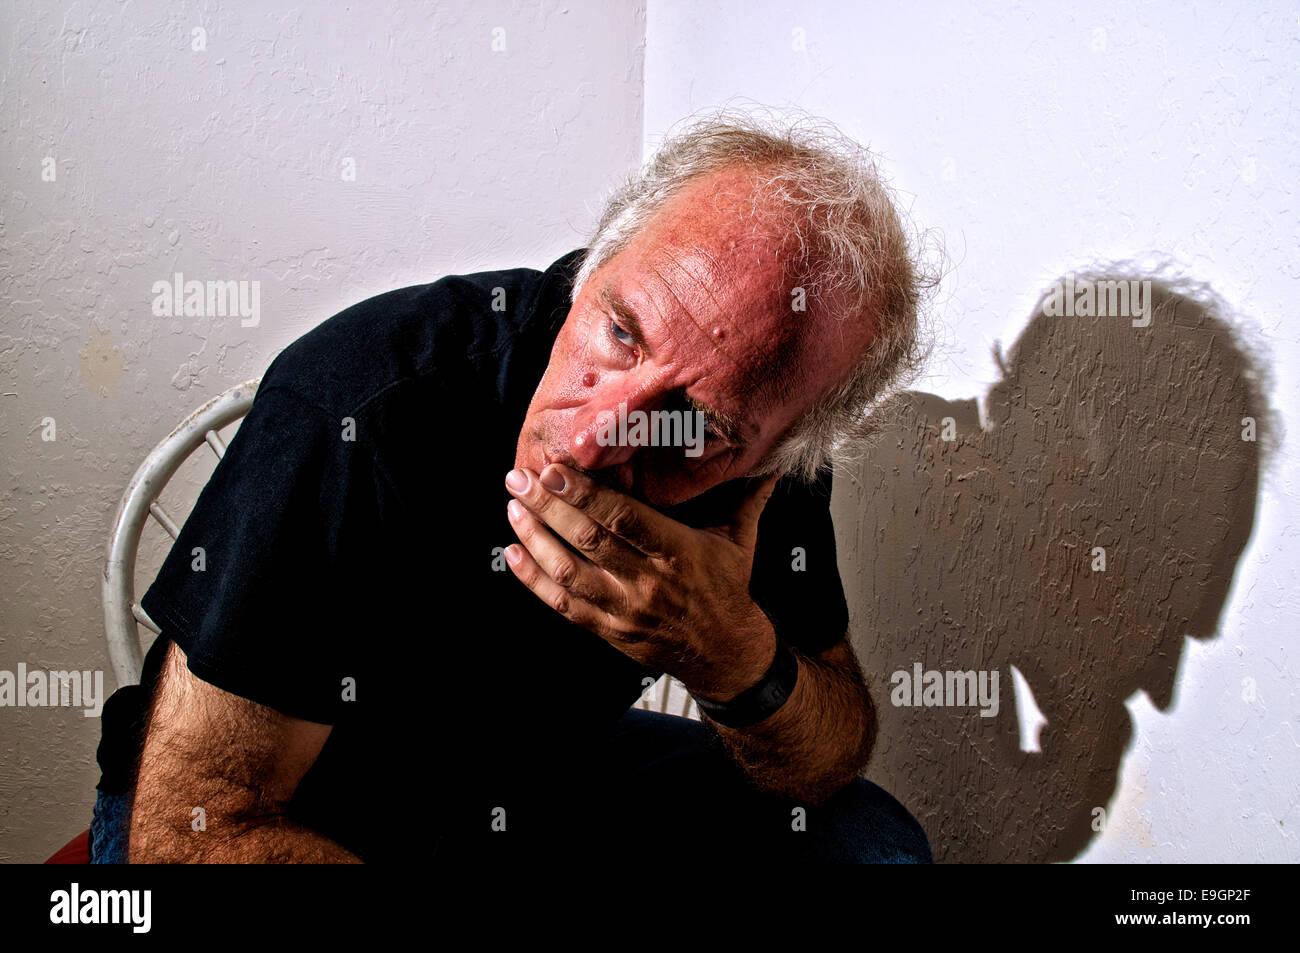 Un vecchio maschio bianco è seduto in un angolo su una sedia appoggiata in avanti e guardare lontano nel pensiero. Immagini Stock